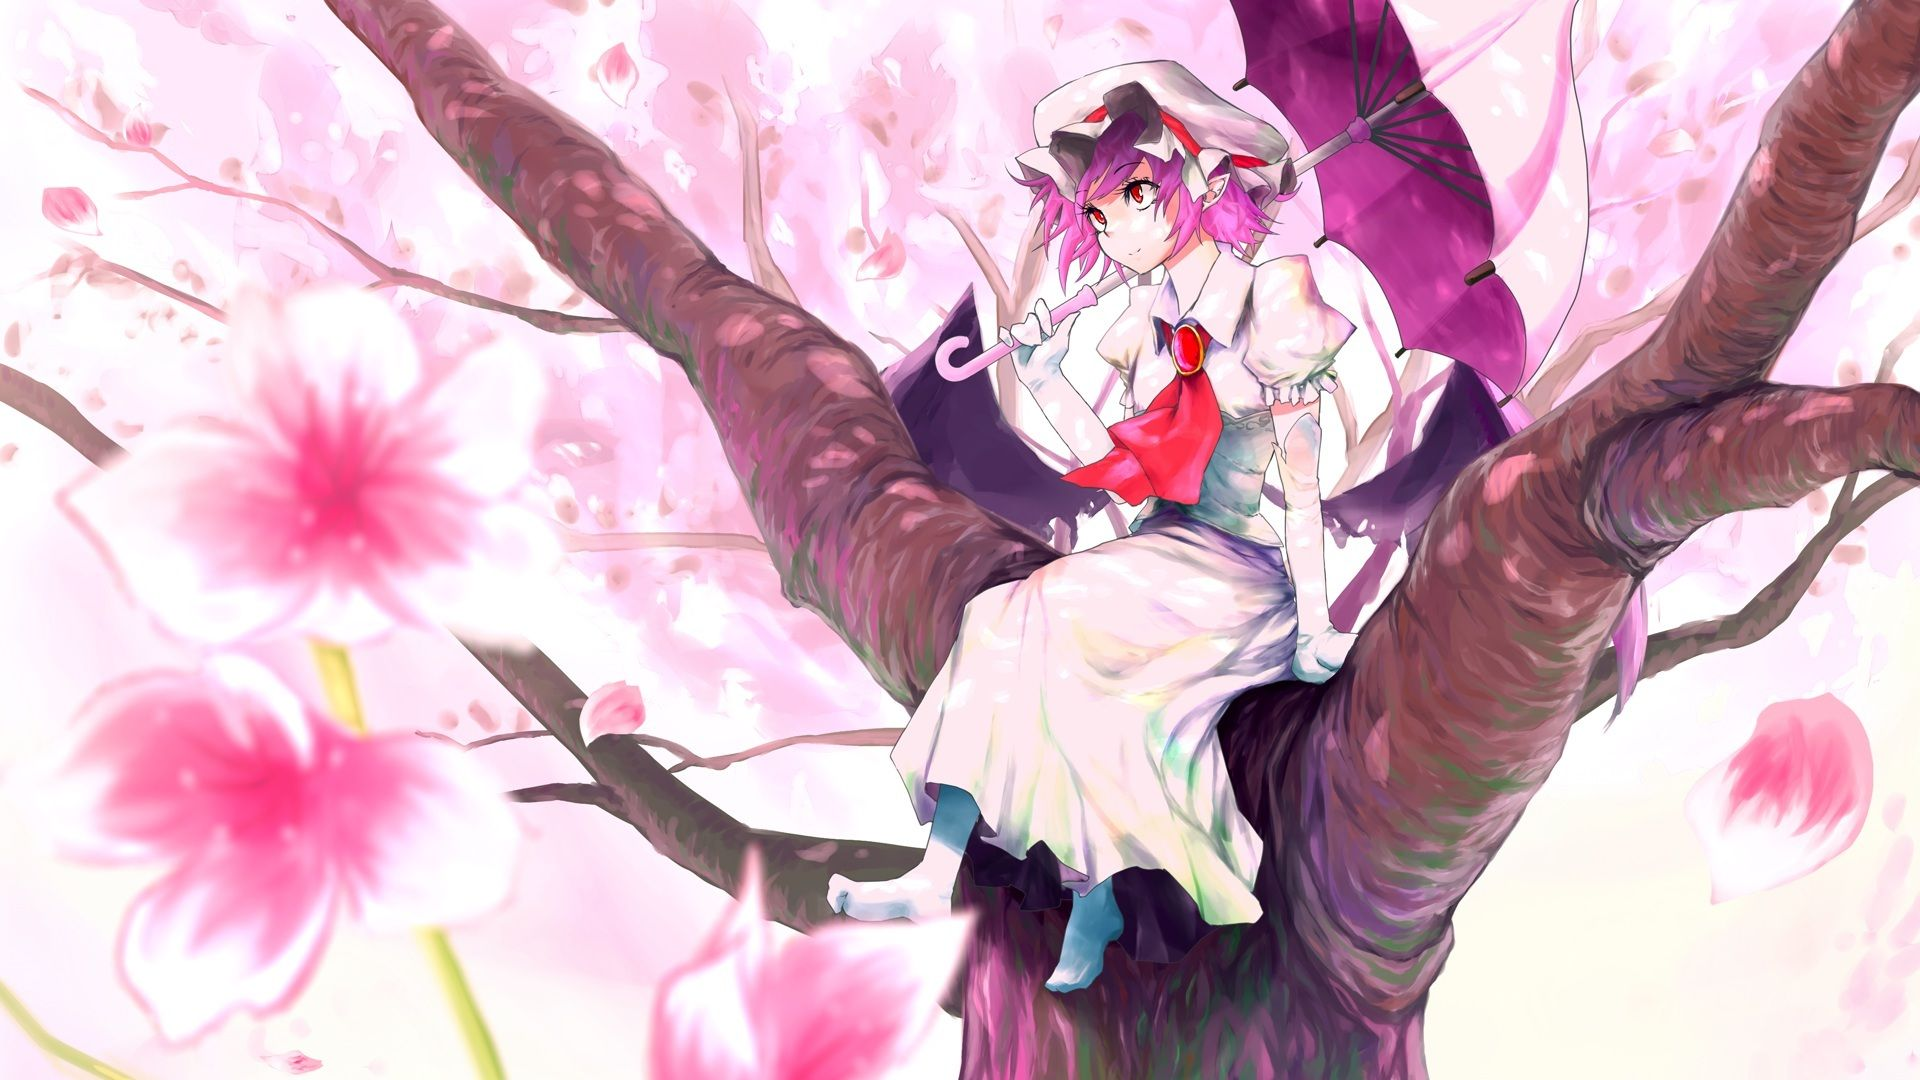 Download Wallpaper Kanchigai, Sakura, Girl, Petals, Touhou, Tree, Art, Time